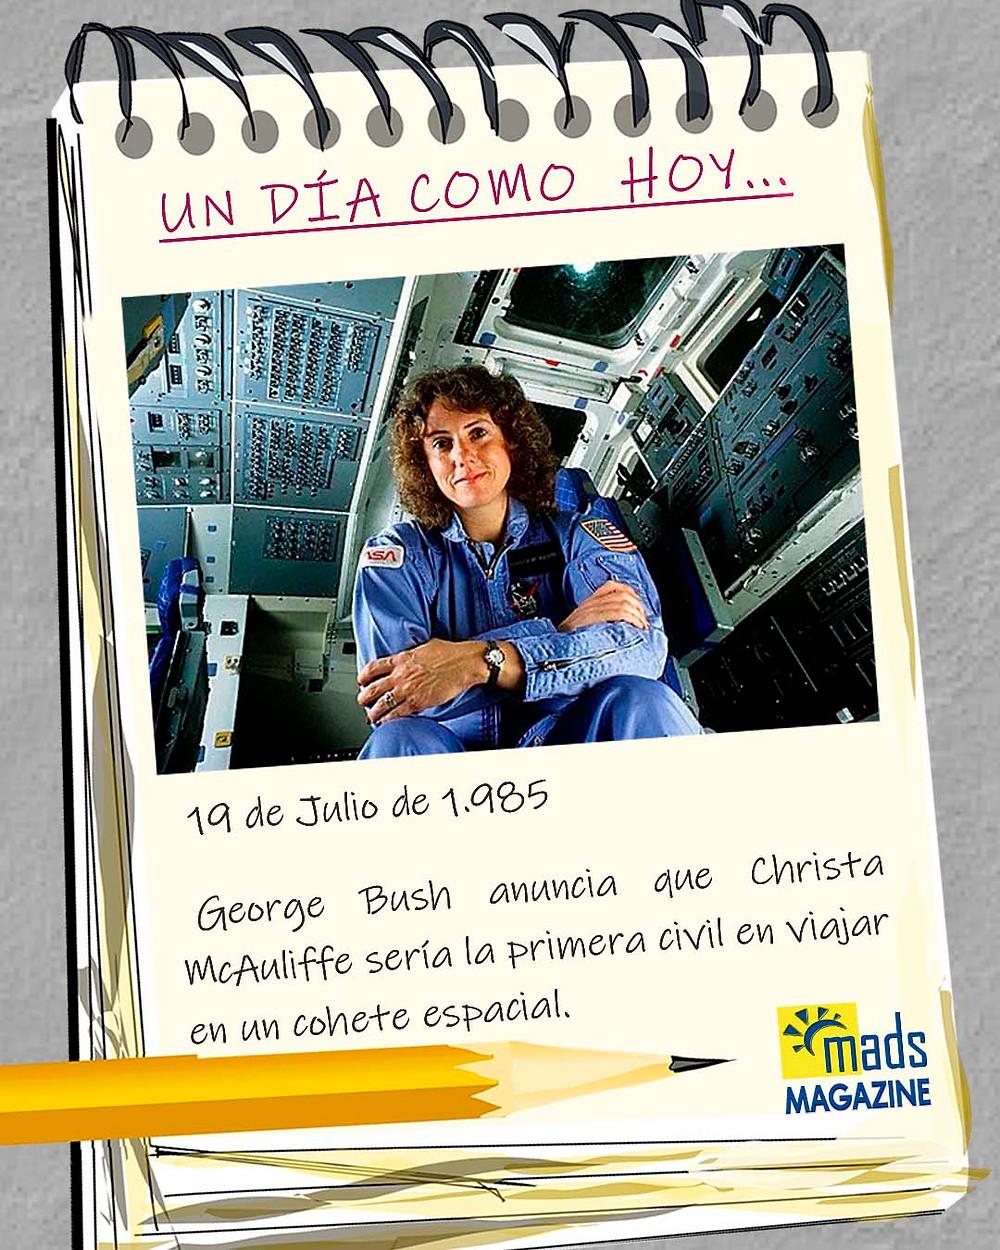 El 19 de julio de 1985 George Bush anunció que Christa McAuliffe viajaría al espacio. Era la primera persona civil en hacerlo